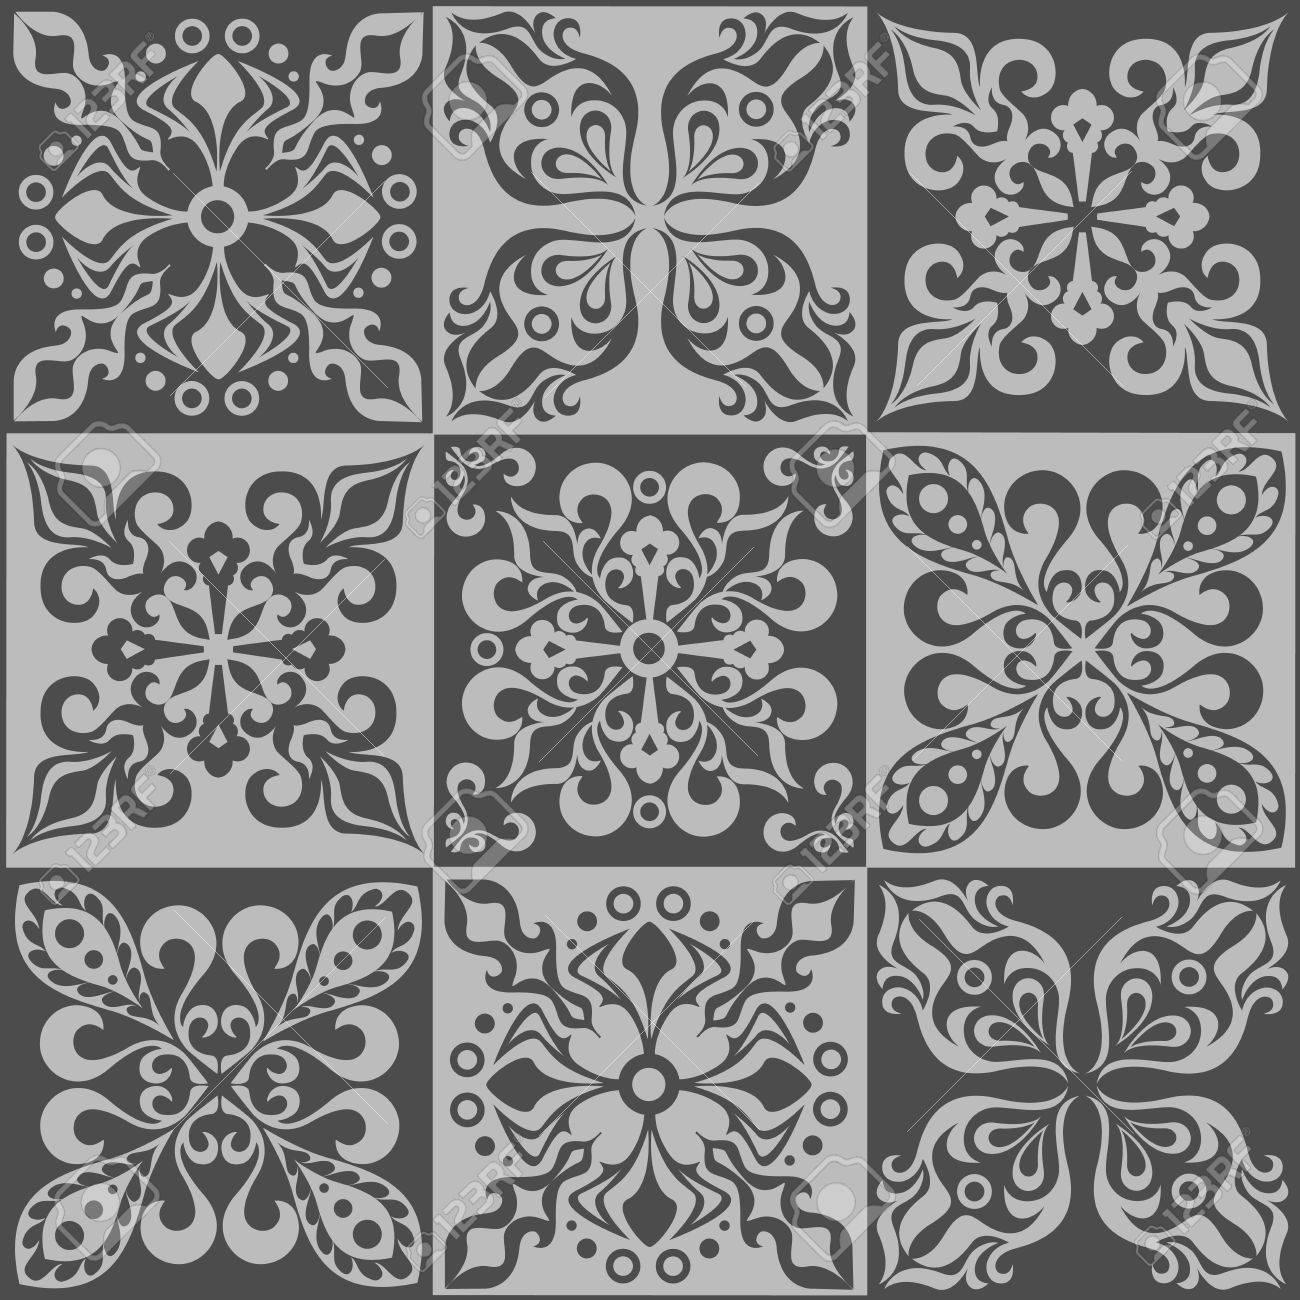 Tracería Patrón De Mosaico De Los Azulejos Marroquíes, Adornos ...